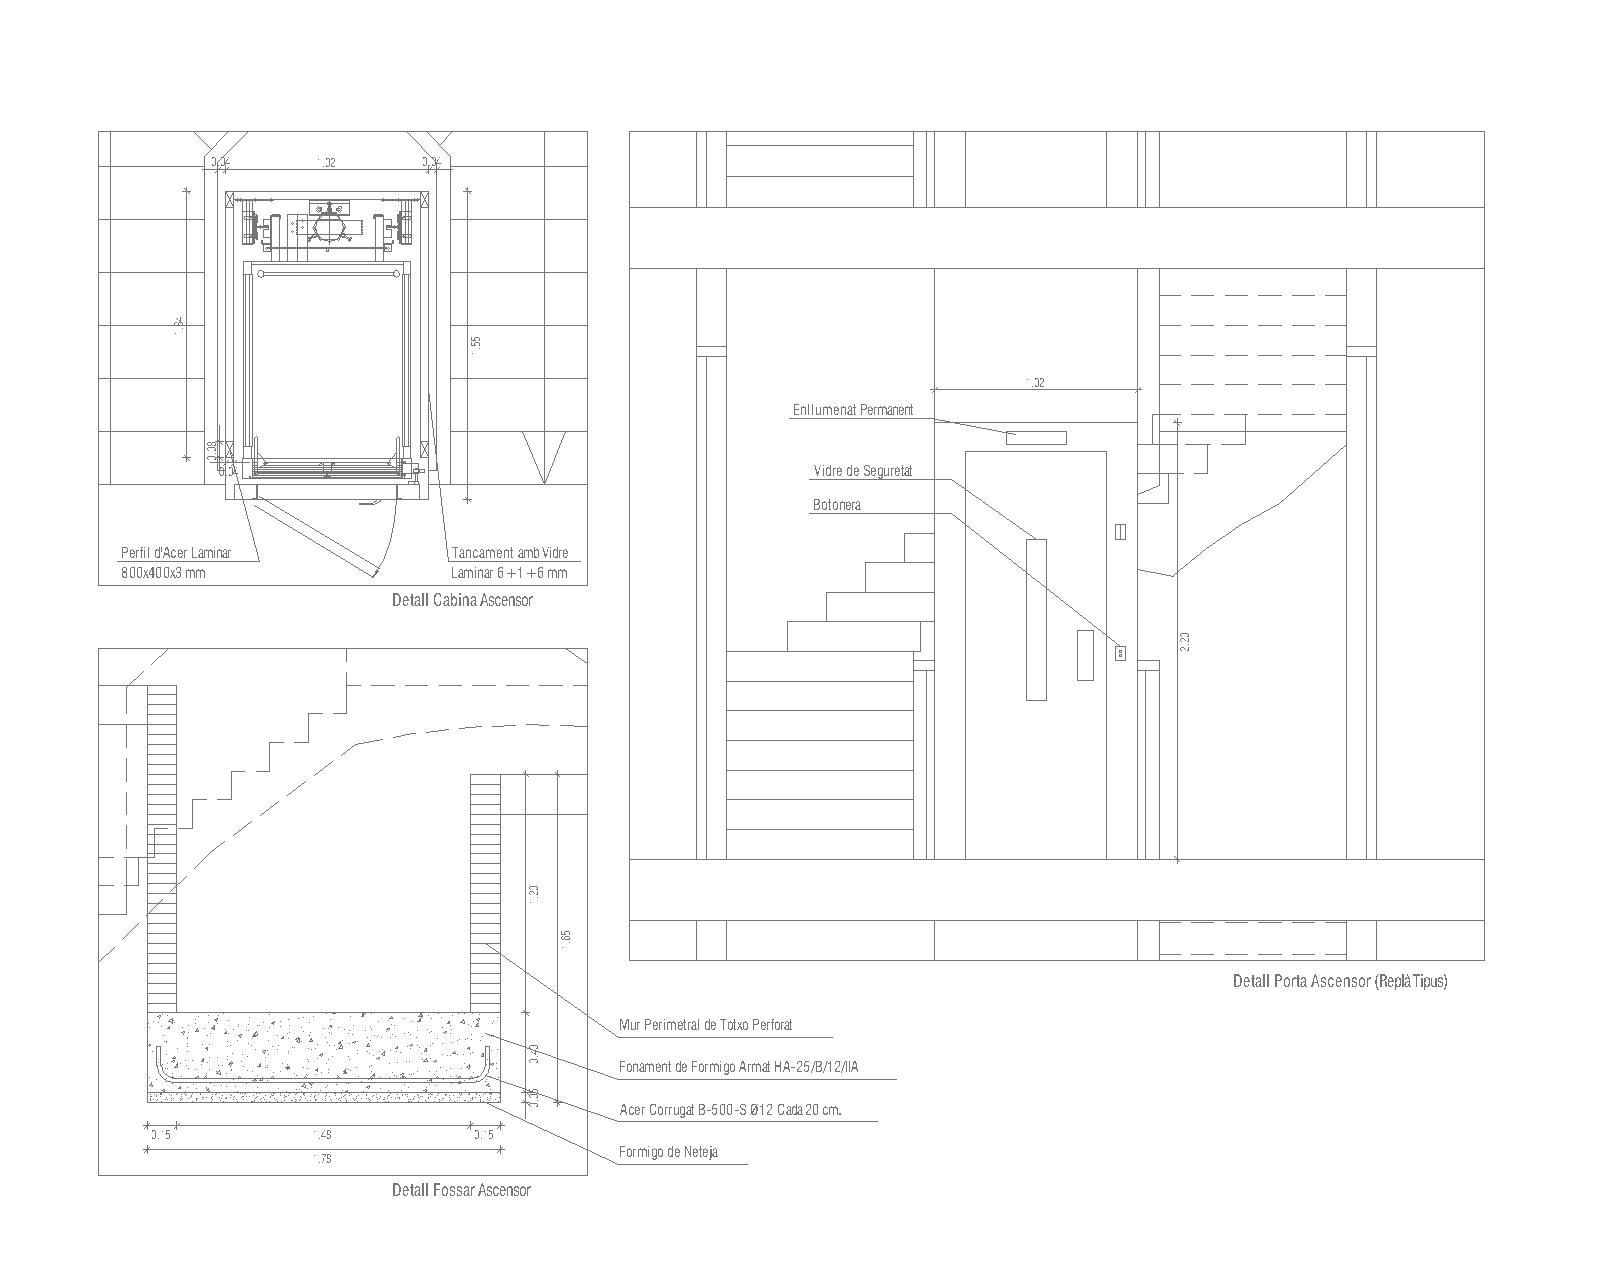 11 seccions-Model